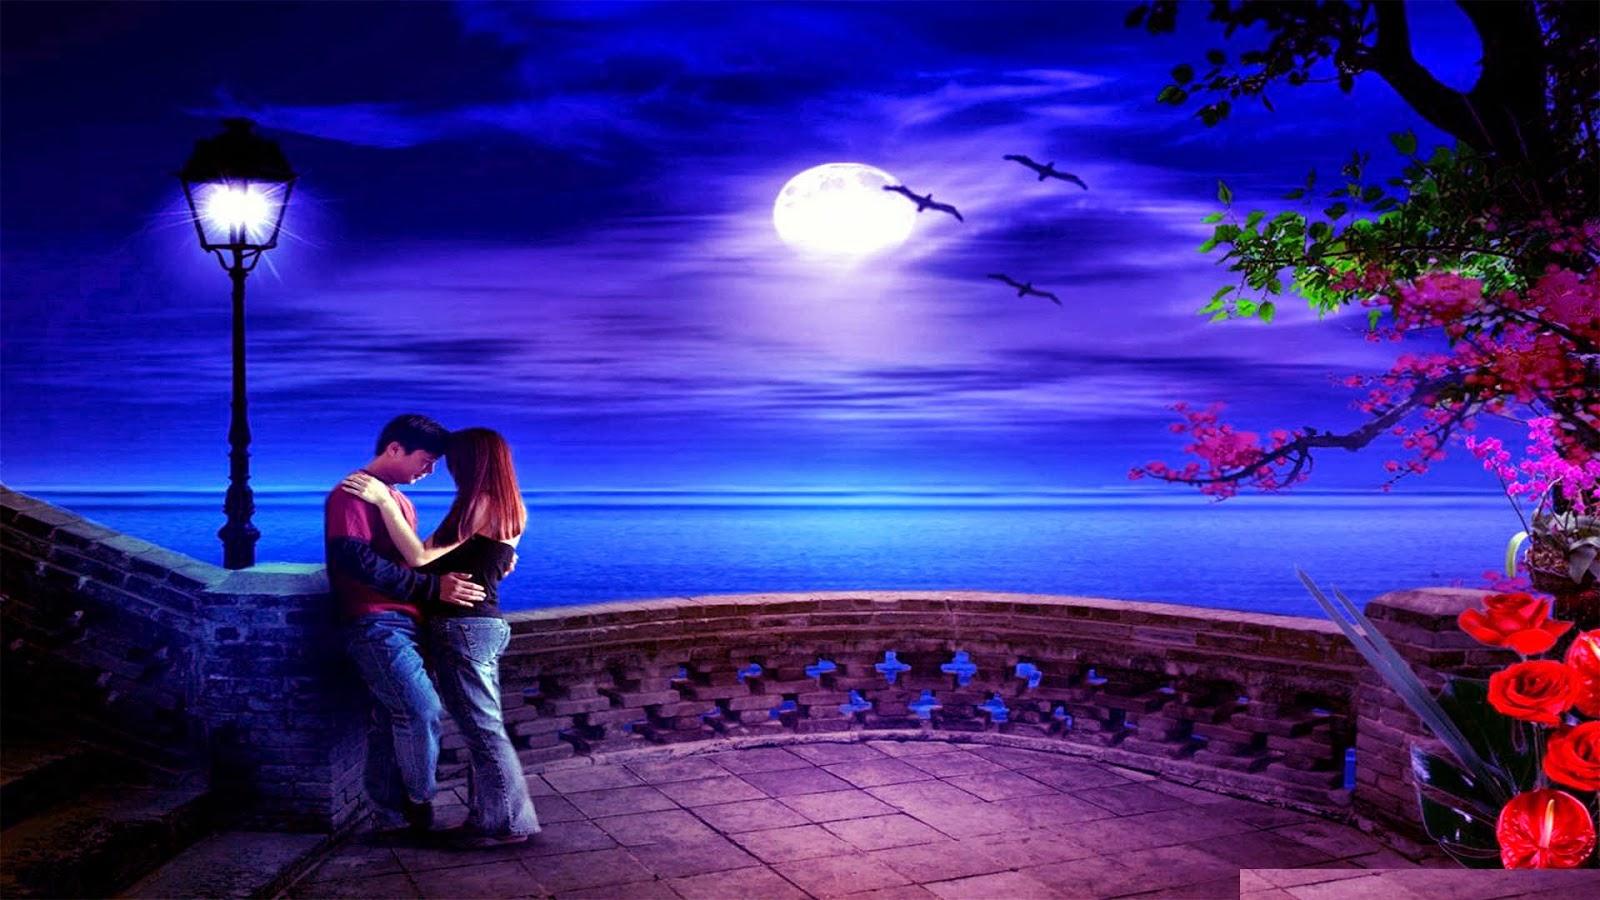 romantic love 3d wallpapers wallpapersafari